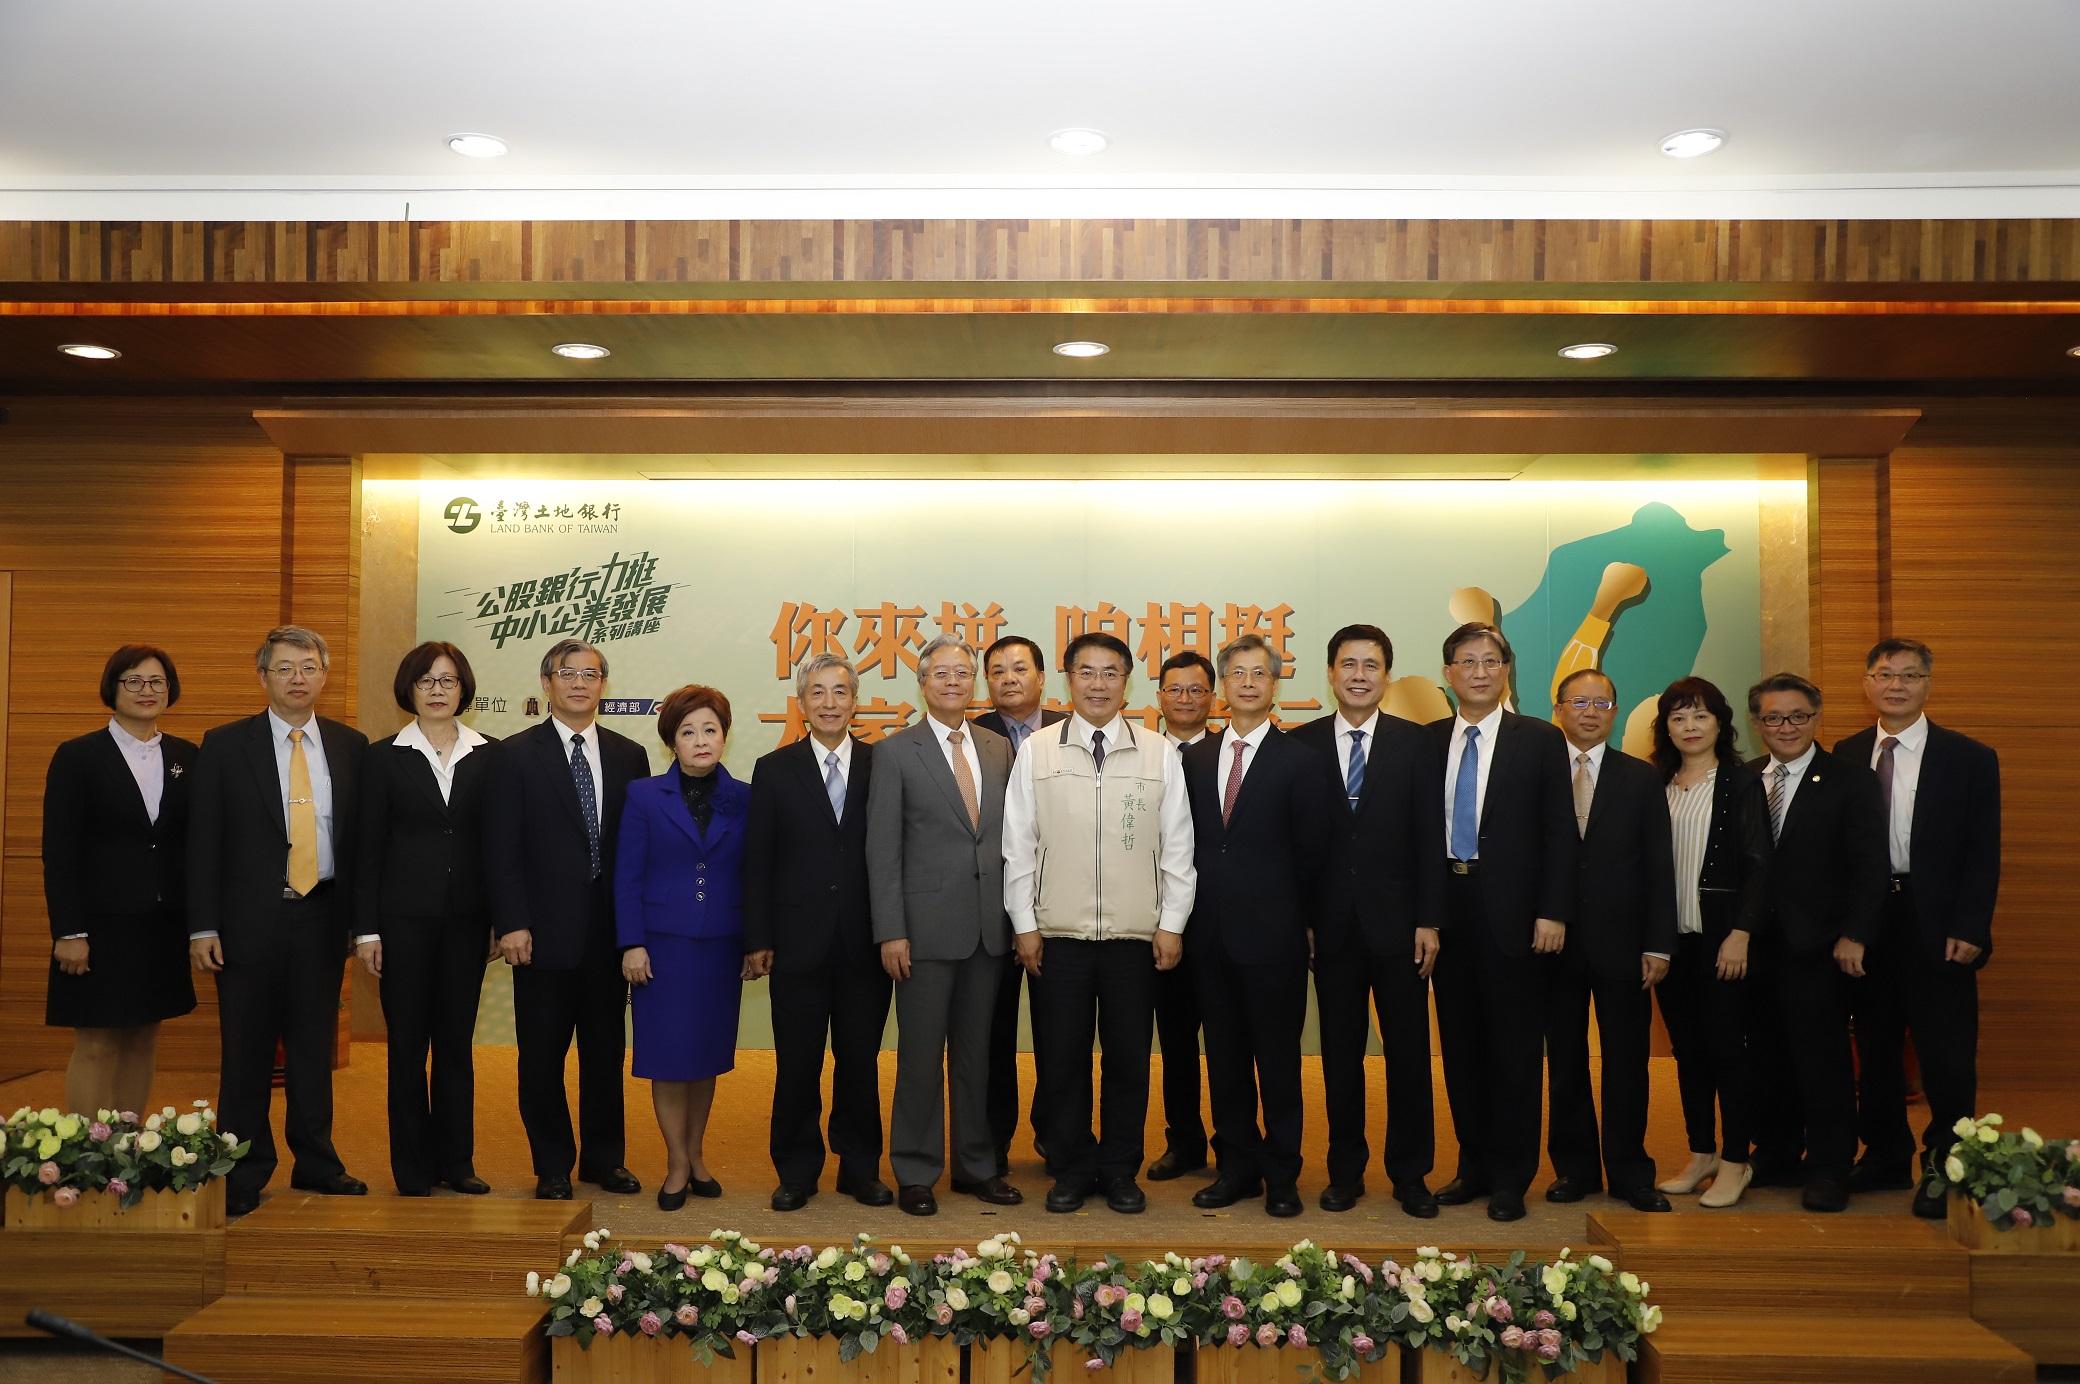 圖片說明-「公股銀行力挺中小企業發展系列講座」台南分行提供中小企業業務諮詢服務